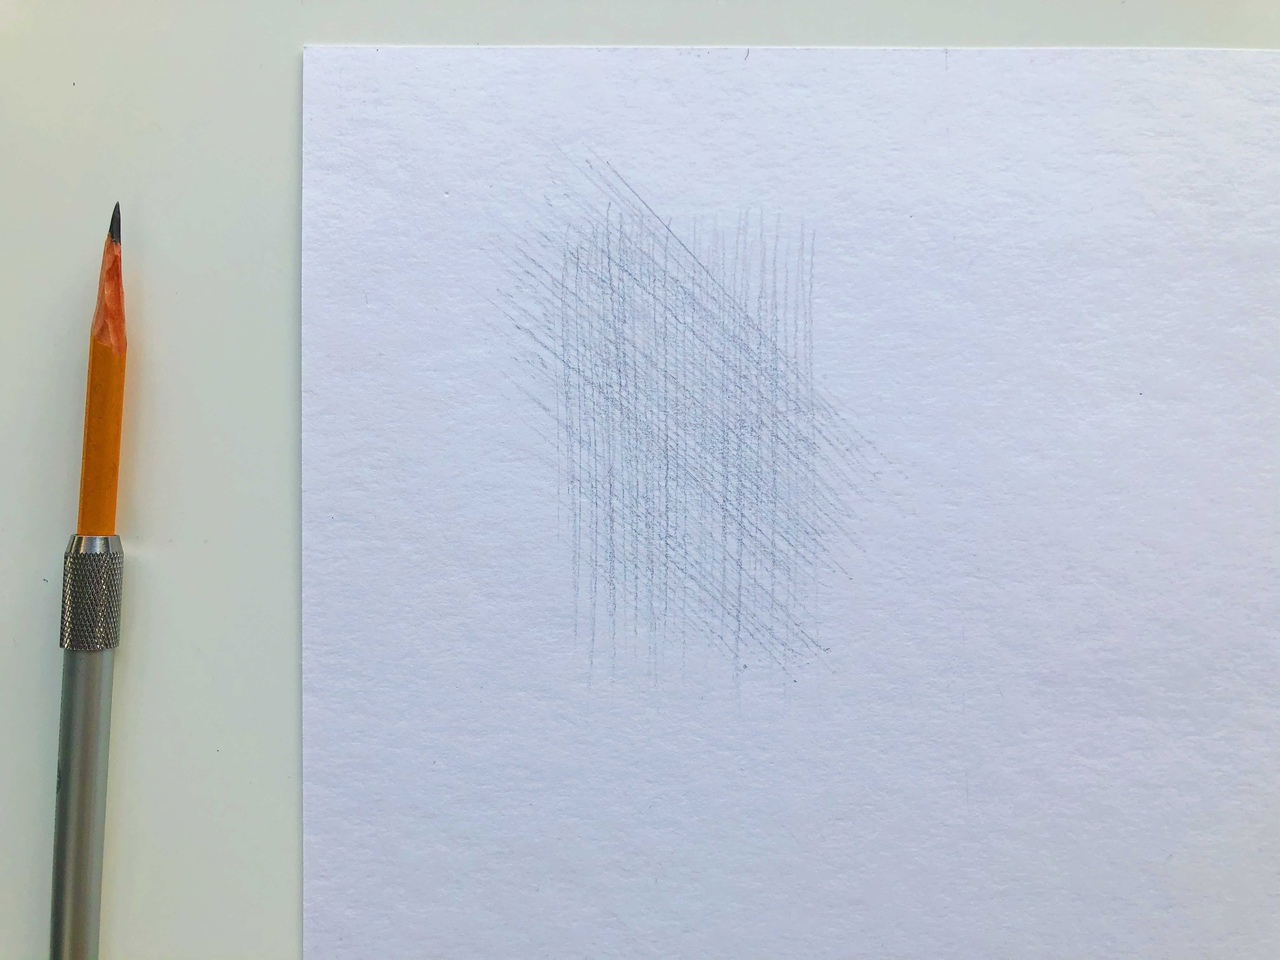 Виды штриховок в рисунке - перекрестная штриховка - фото